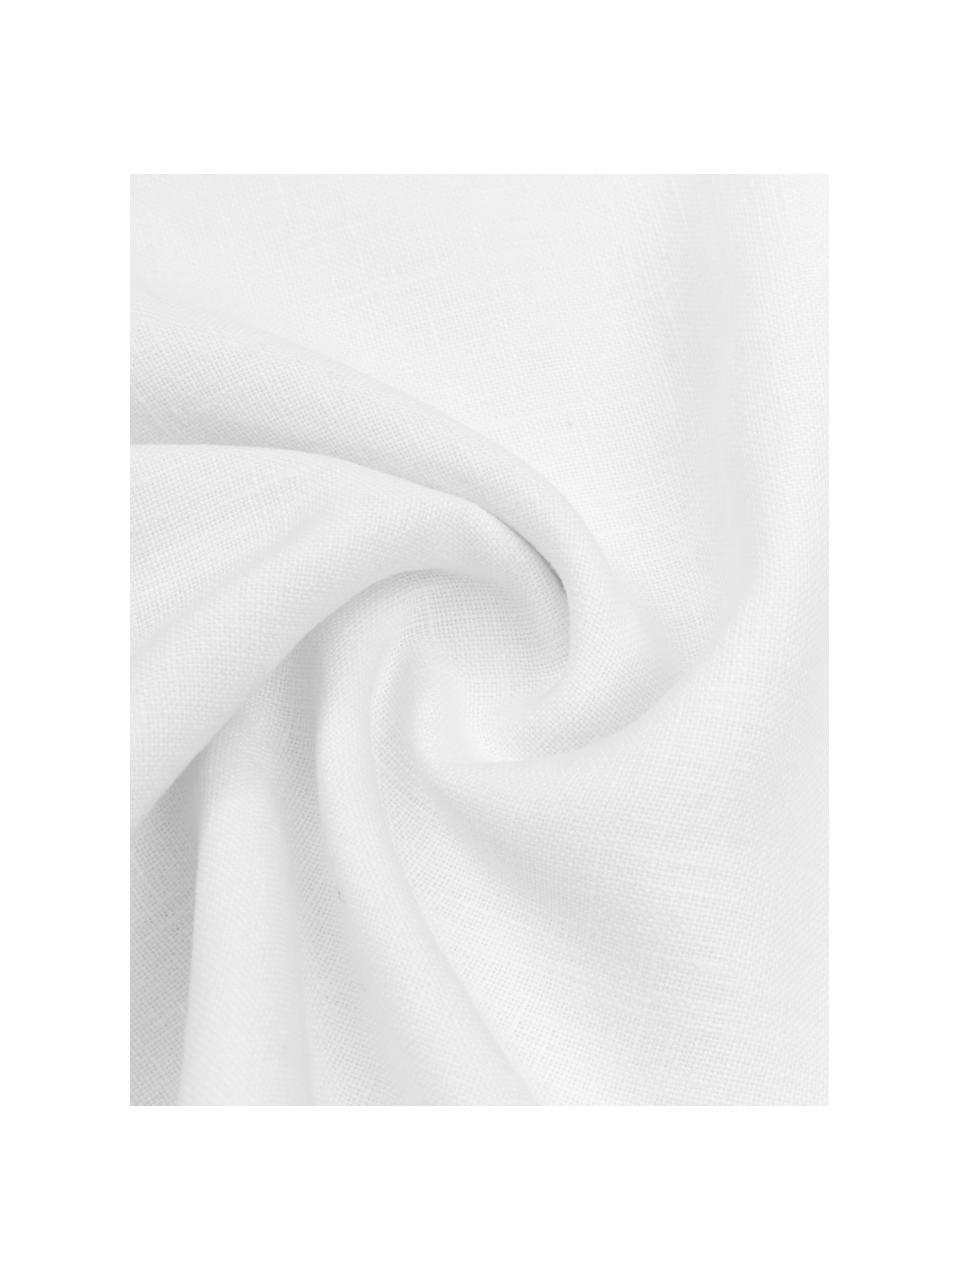 Leinen-Kissenhülle Luana in Cremeweiß mit Fransen, 100% Leinen, Cremeweiß, 50 x 50 cm